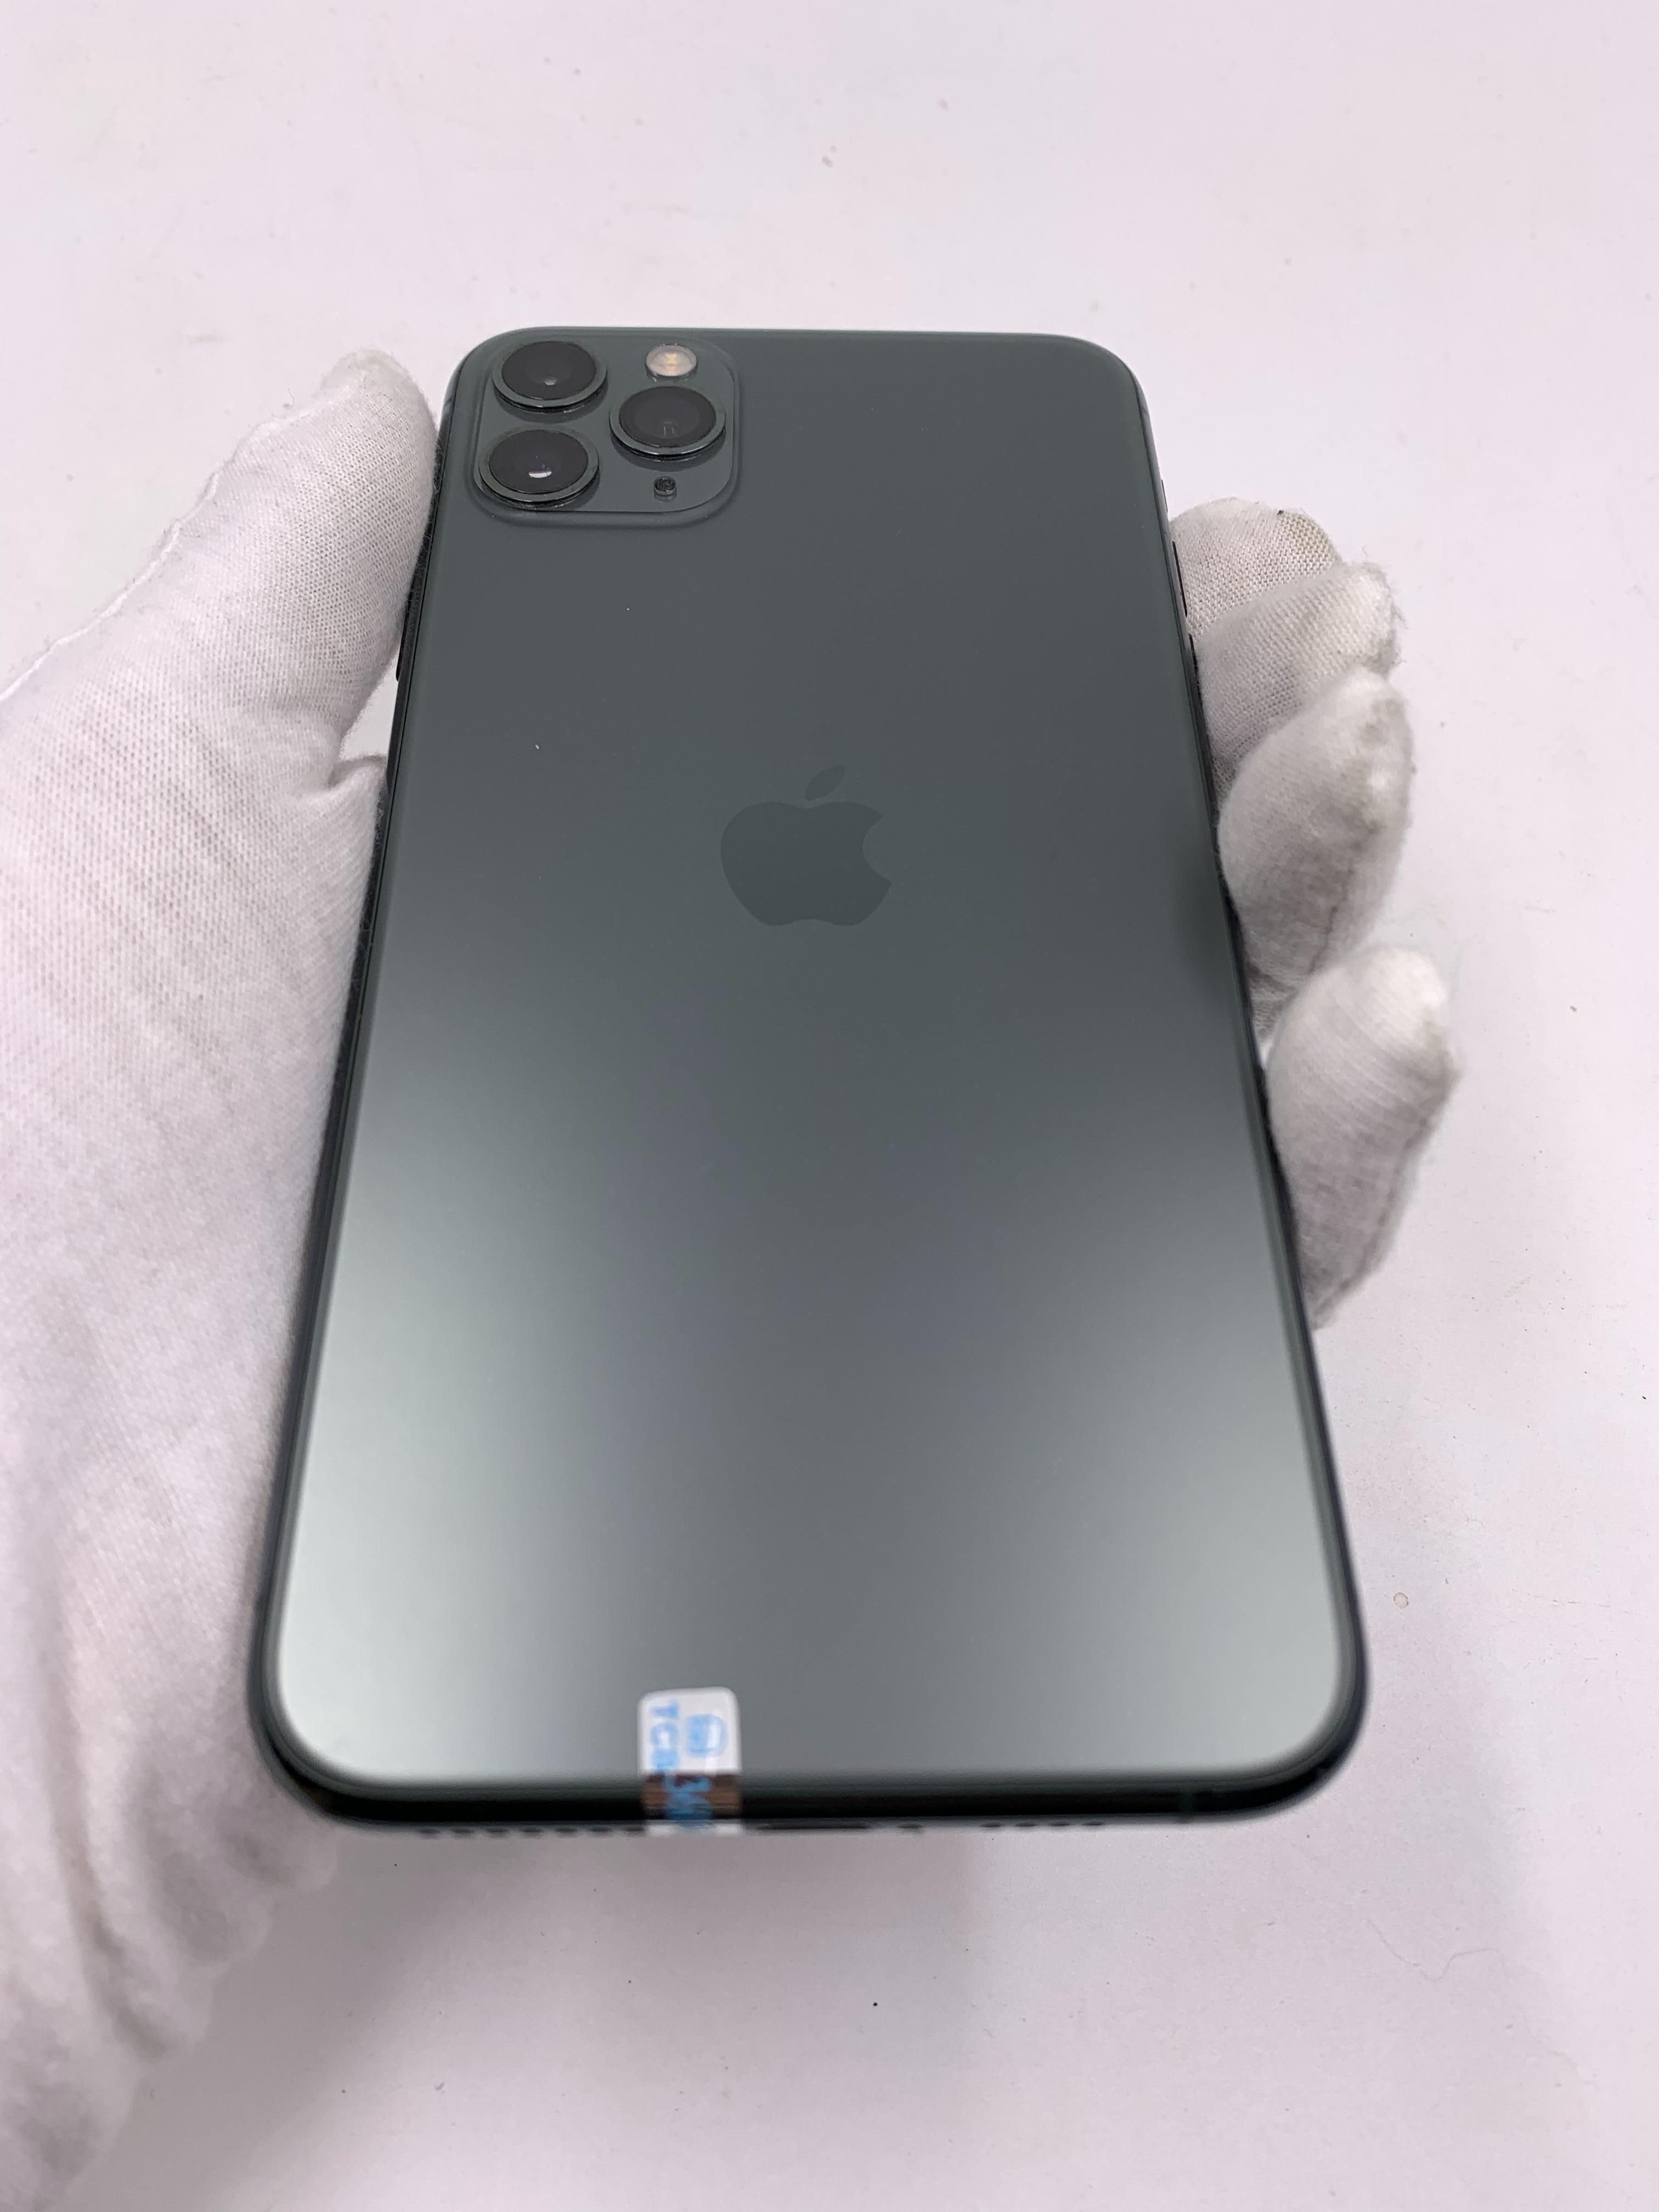 苹果【iPhone 11 Pro Max】4G全网通 暗夜绿色 256G 国行 95新